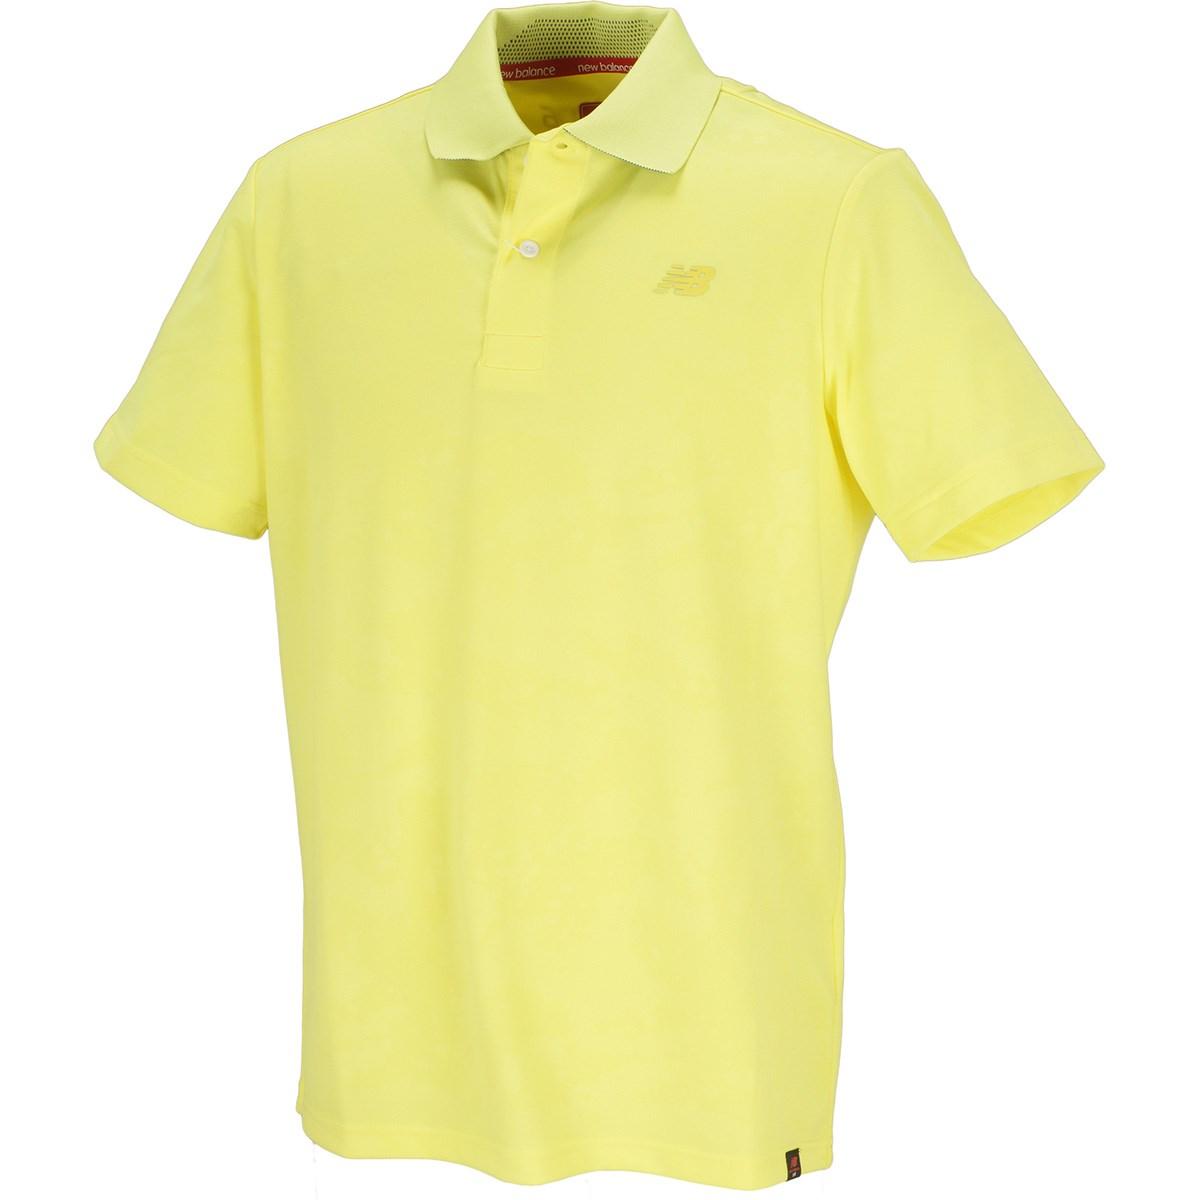 ニューバランス SPORT 半袖ポロシャツ